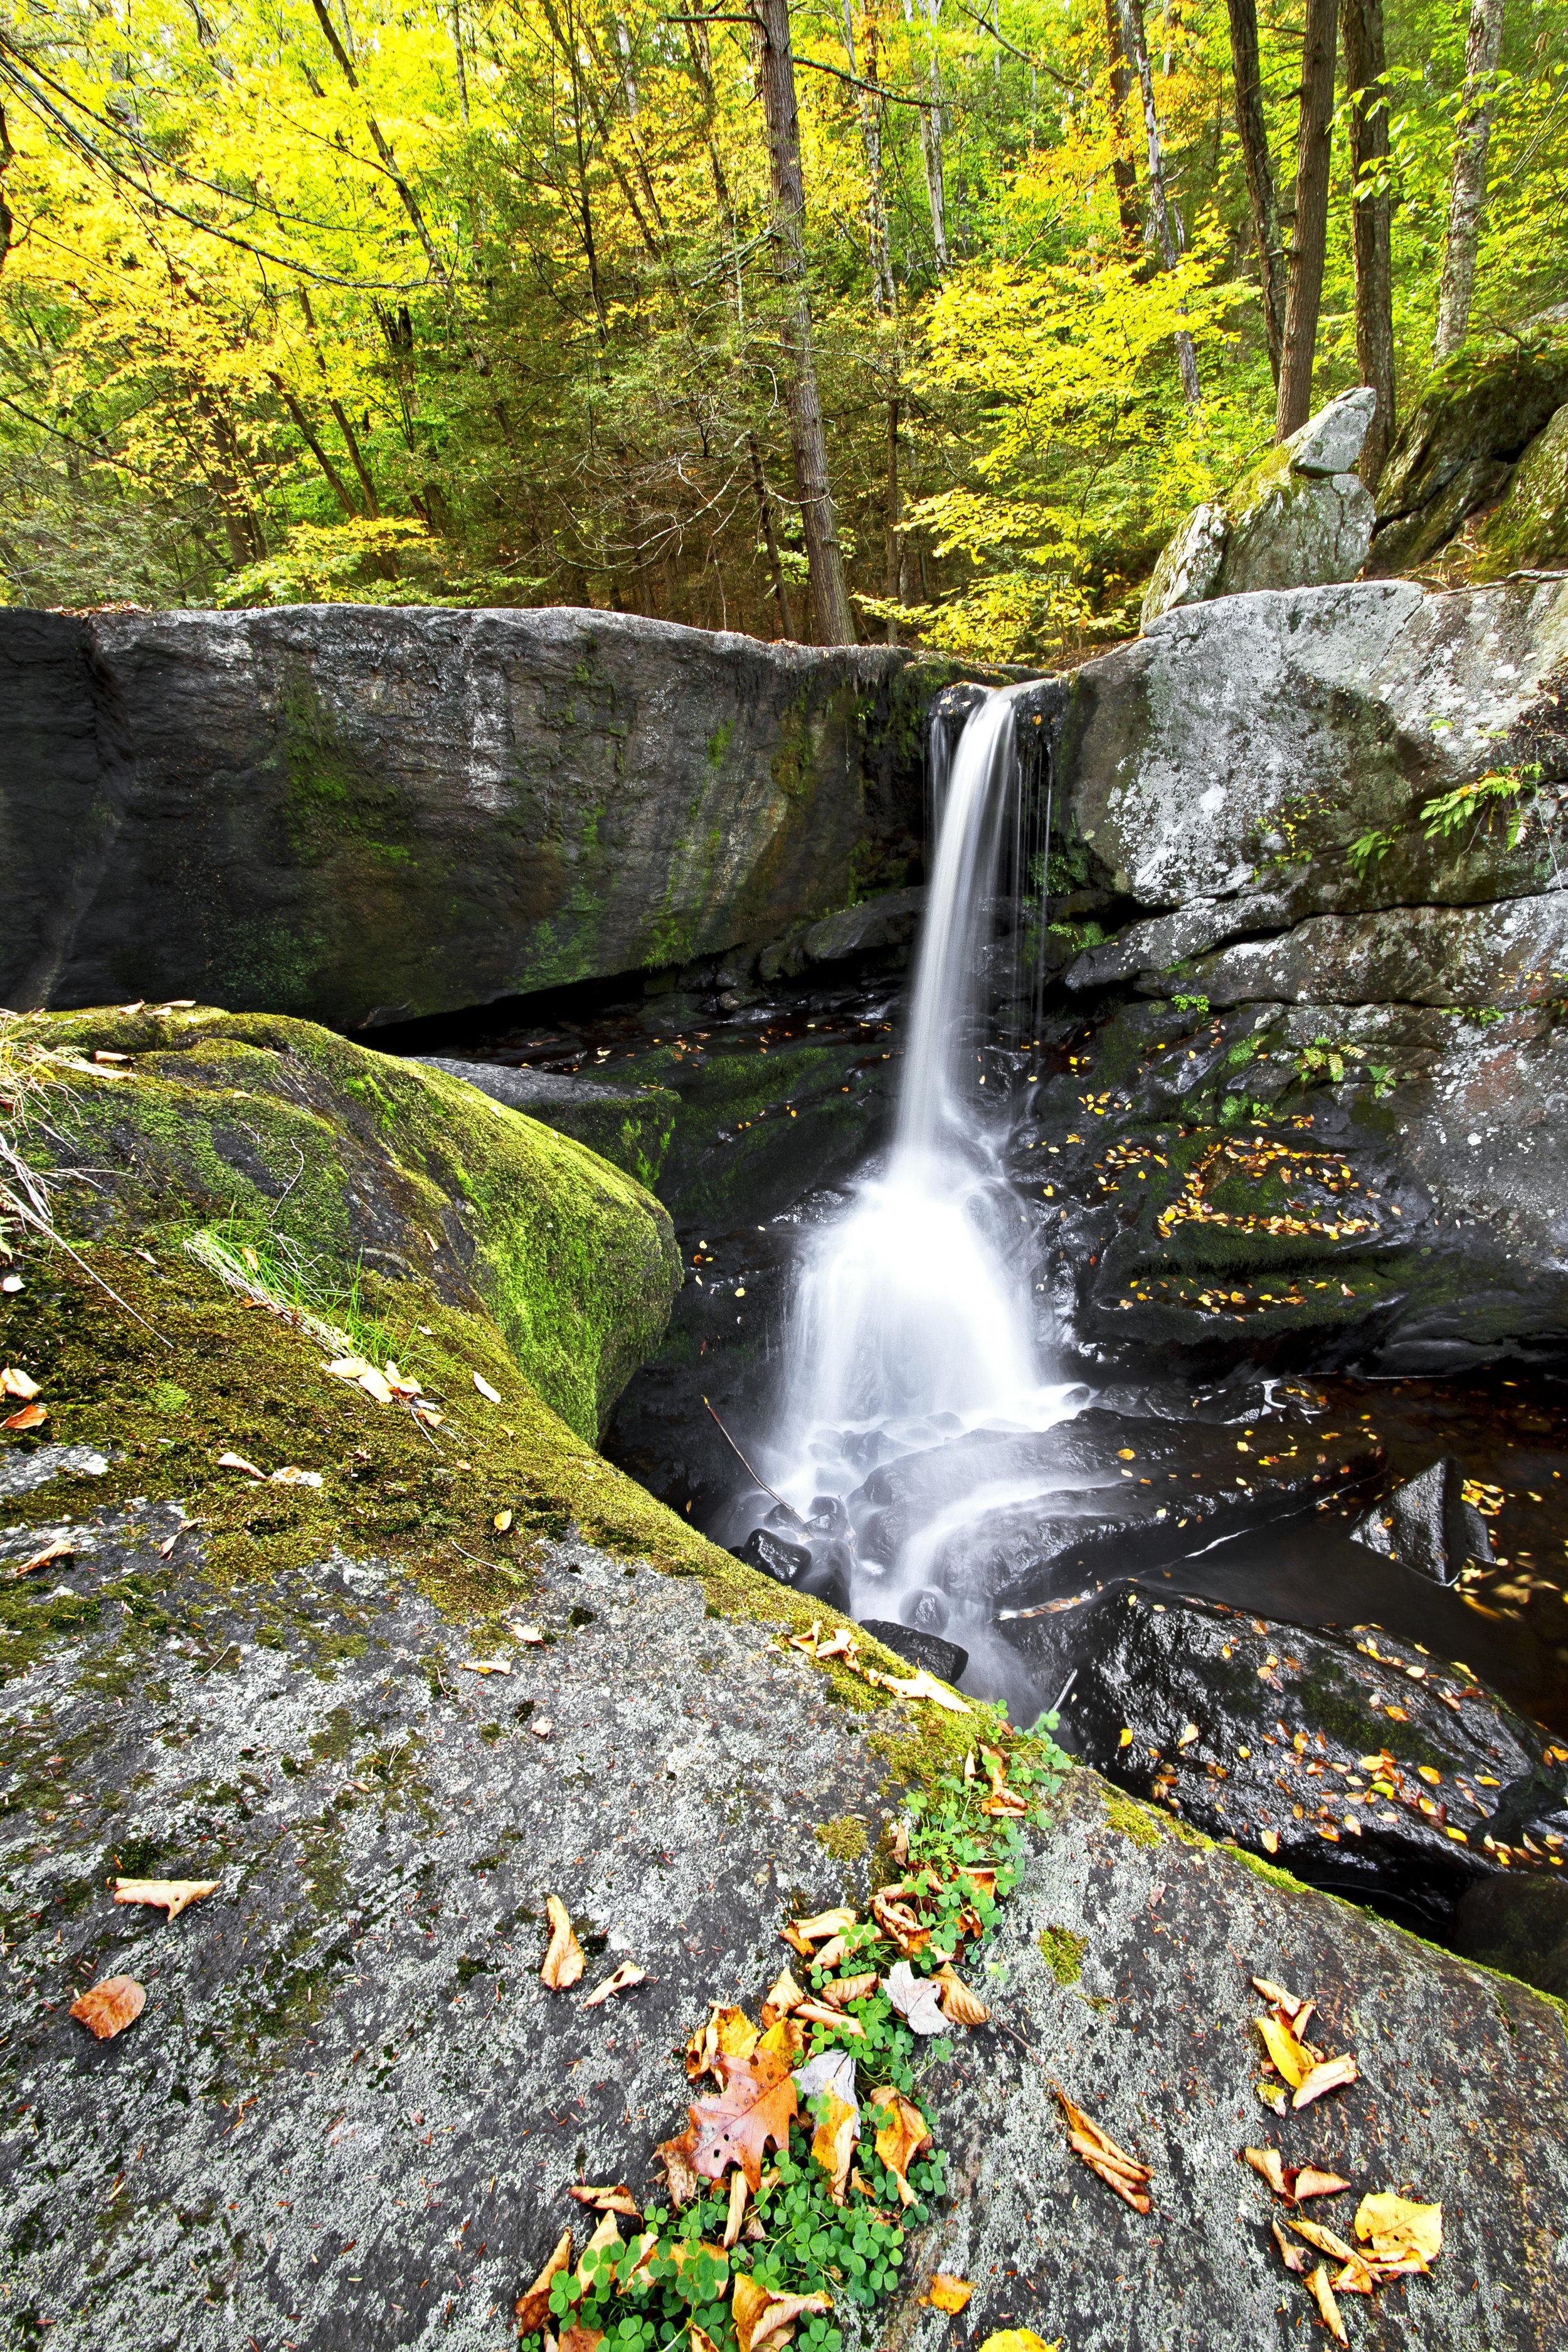 AutumnFoliageTour 112_2_AutumnFalls.jpg